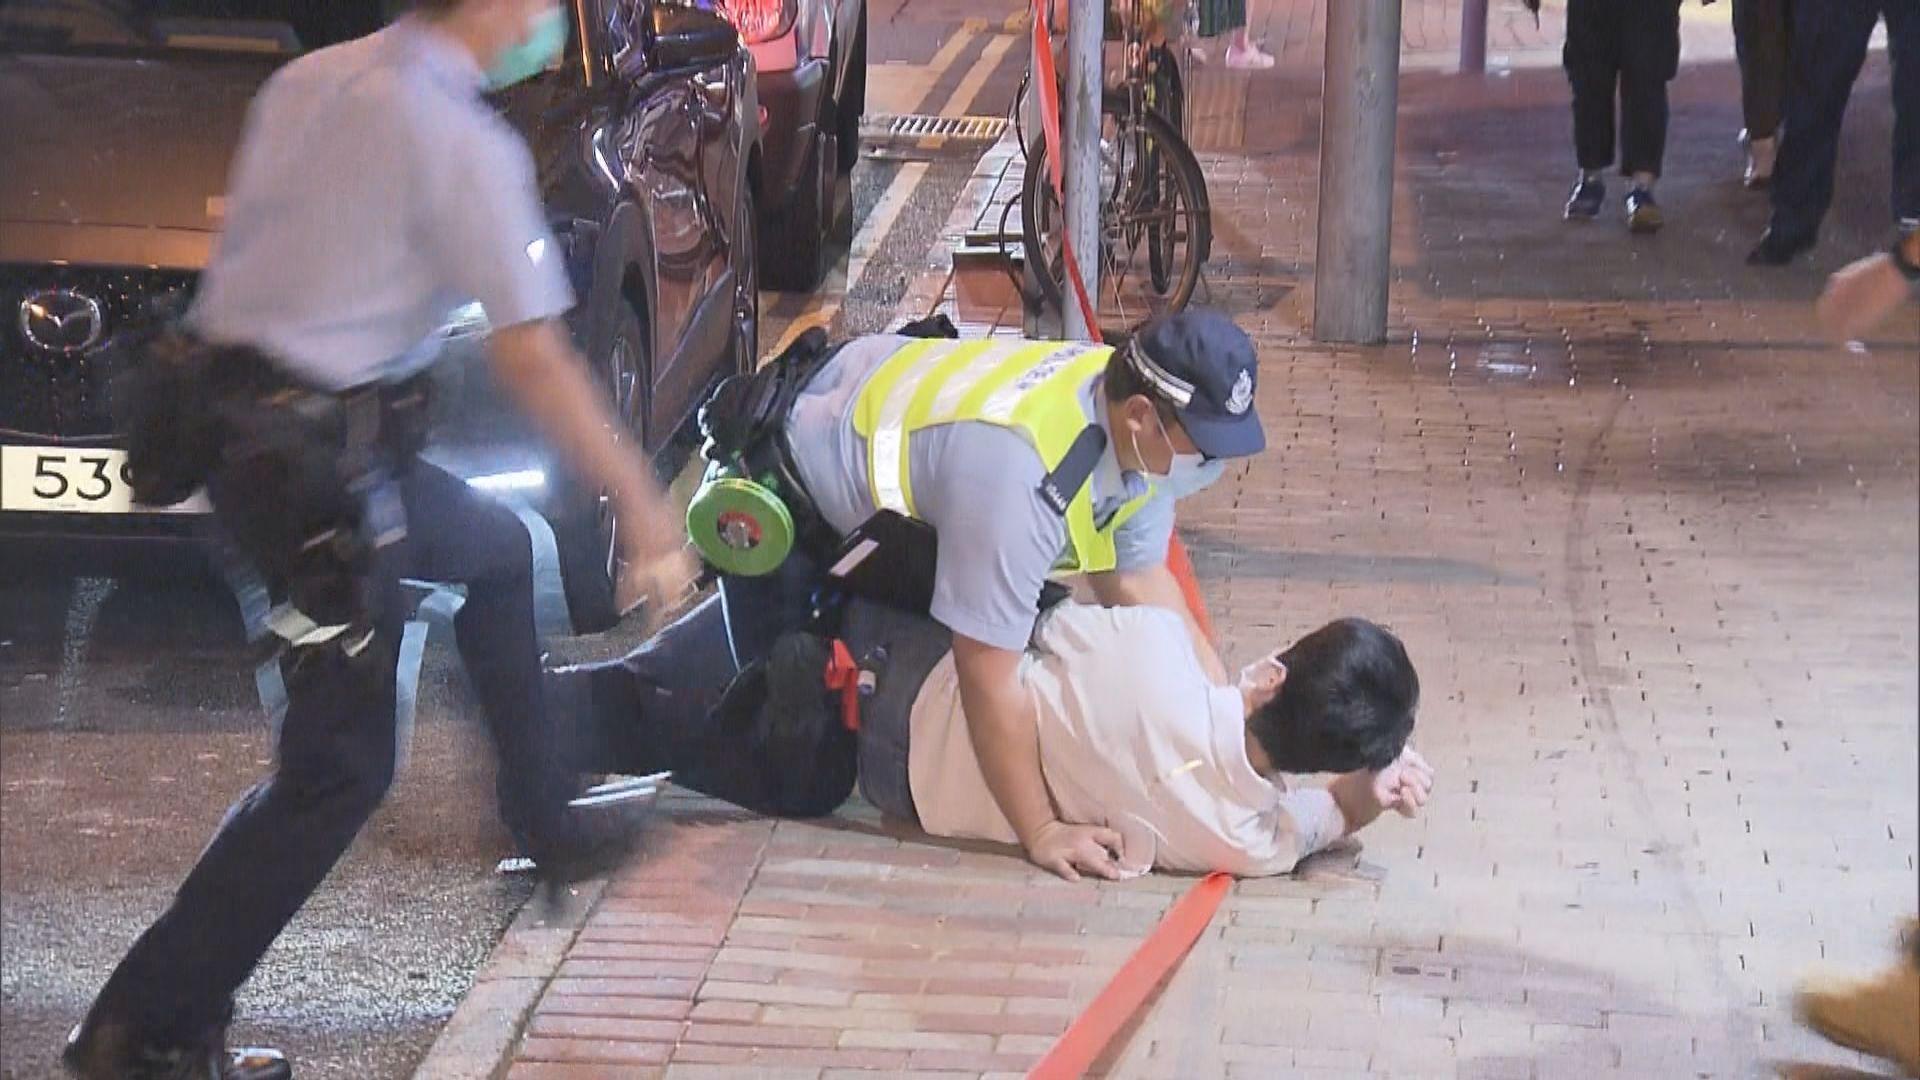 許智峯:不排除追究蓄意撞人司機及將他推倒的警員